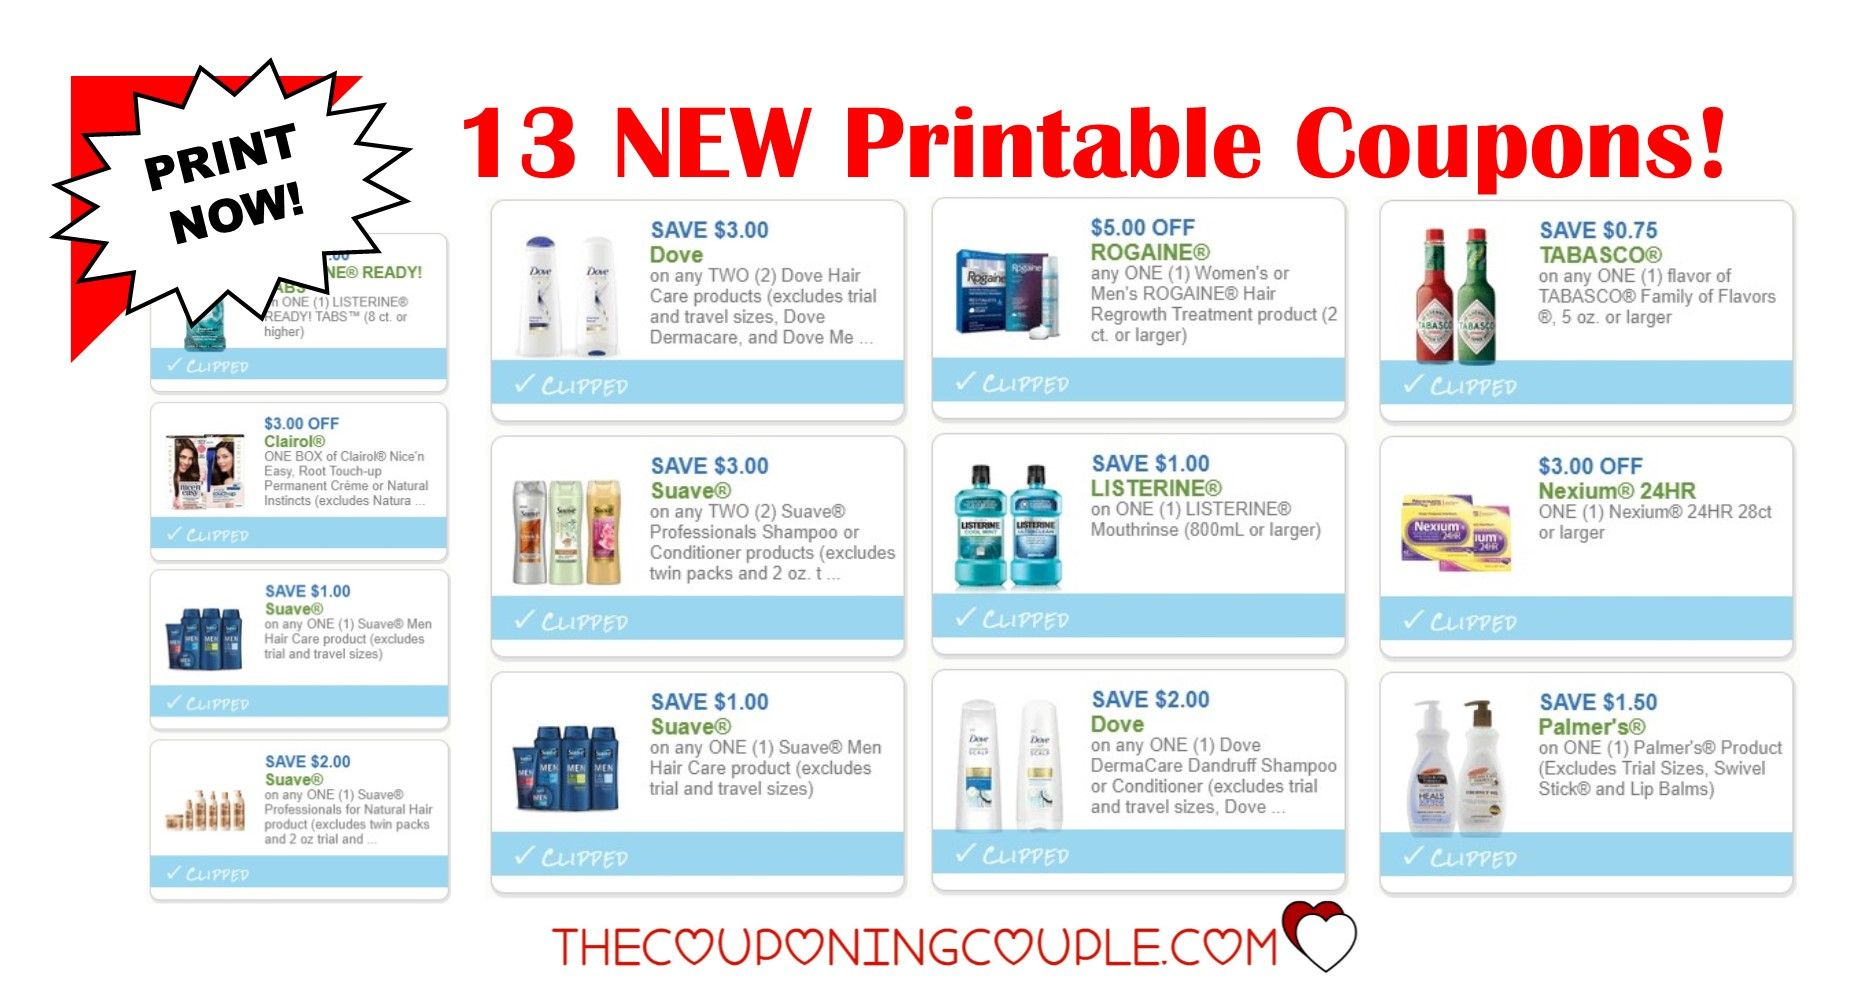 13 New Printable Coupons Over 27 In Savings Woo Hoo Printable Coupons Coupons Printables